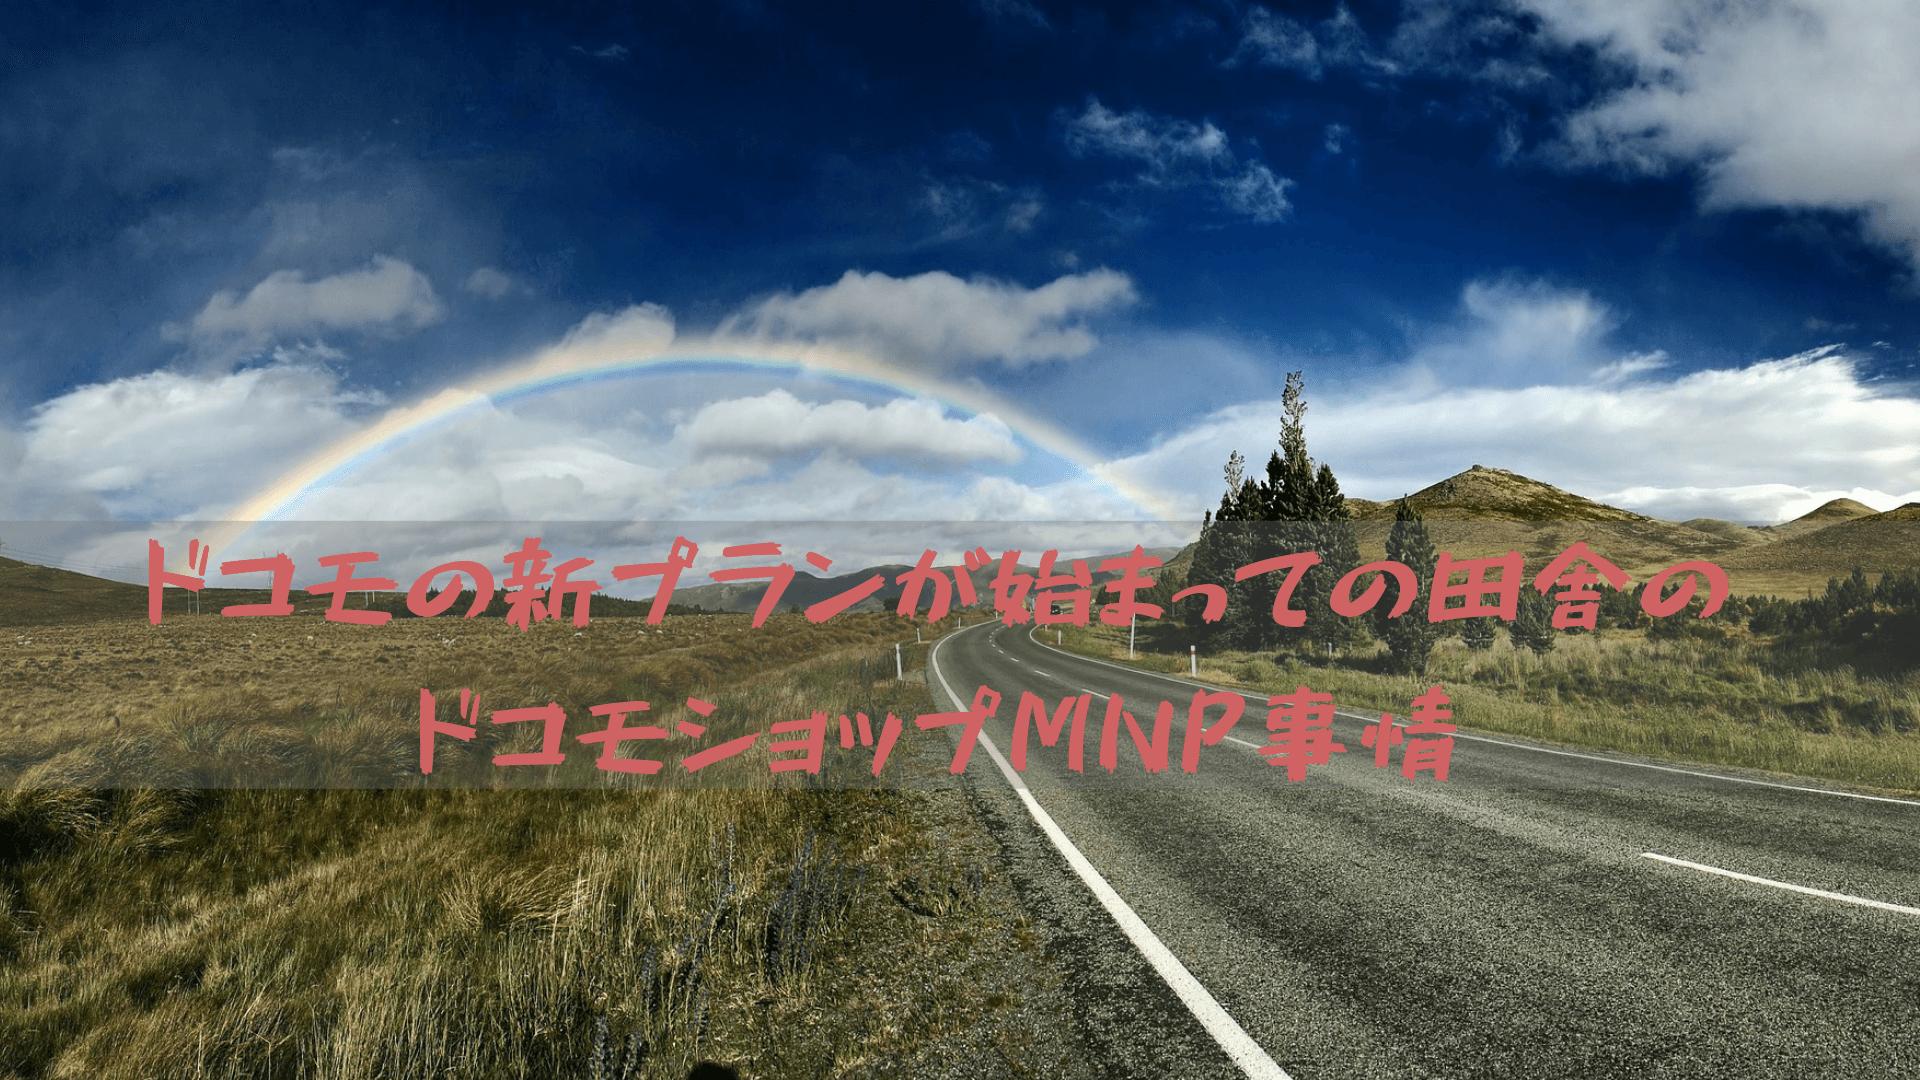 ドコモの新プランが始まっての田舎のドコモショップMNP事情